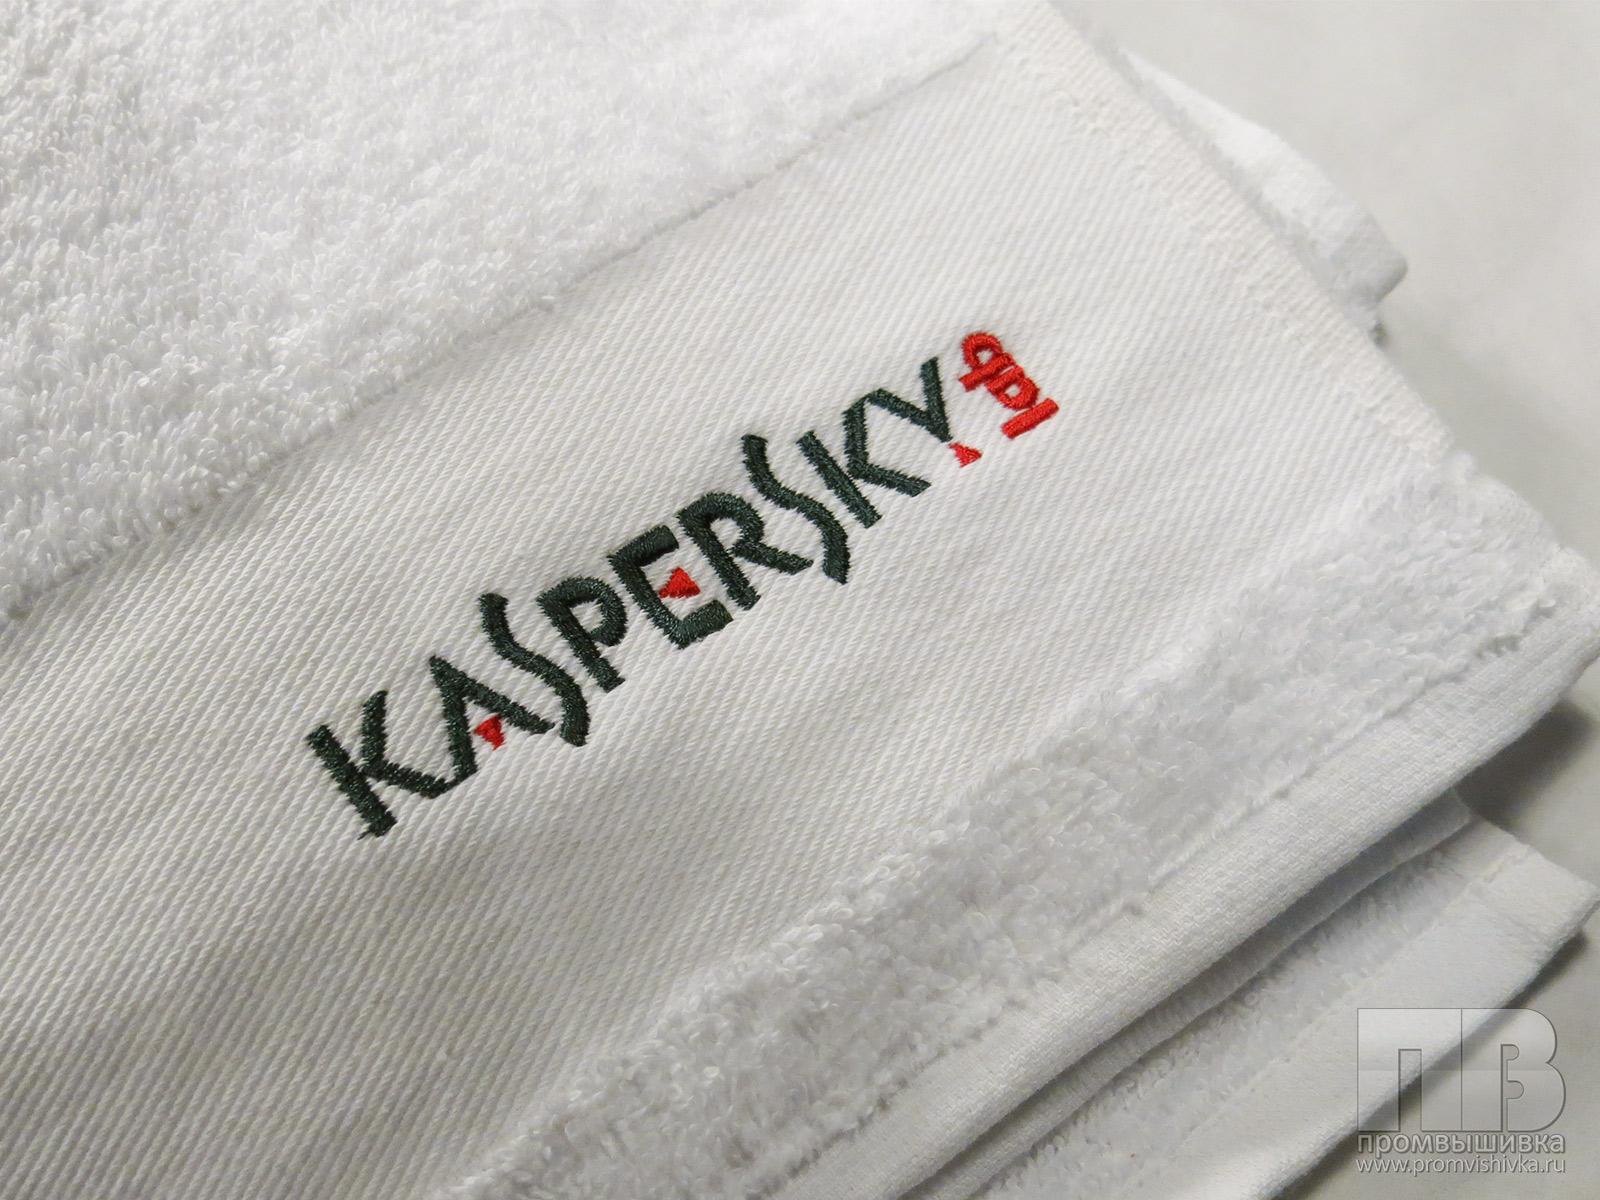 Заказать вышивку логотипа 97